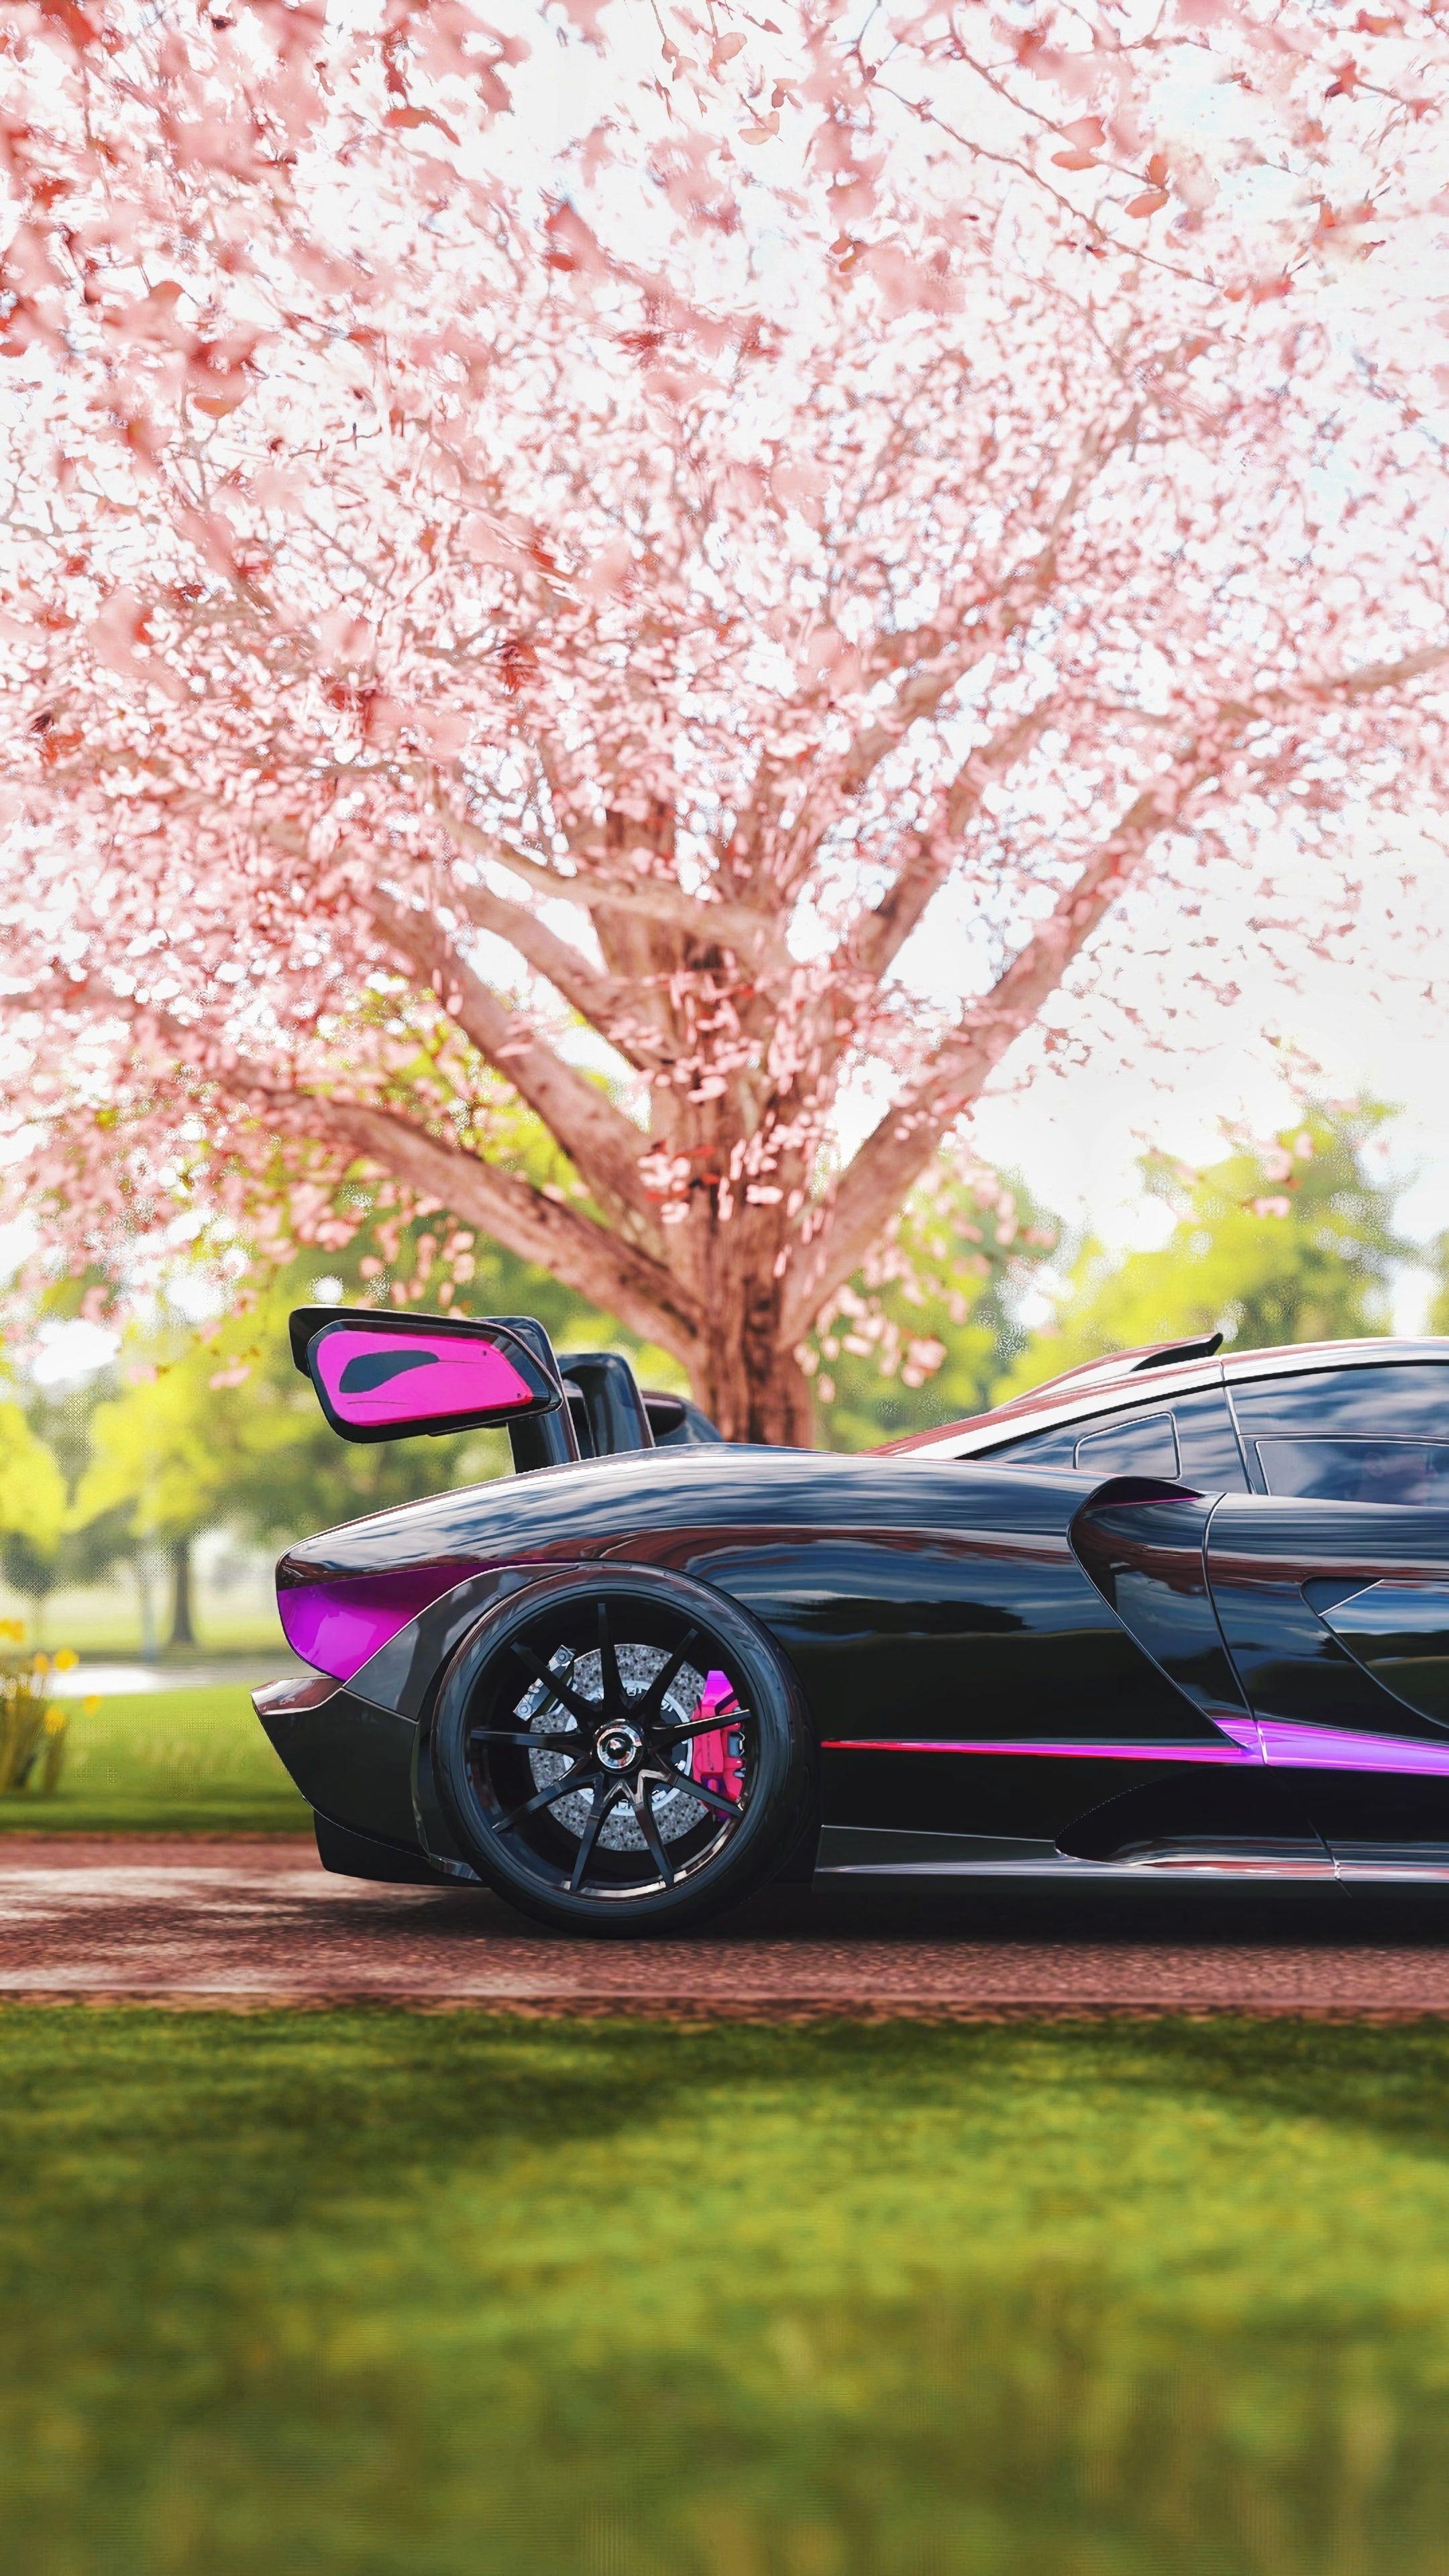 Mclaren Senna Mclaren Side View Sports Car Racing Sakura 4k